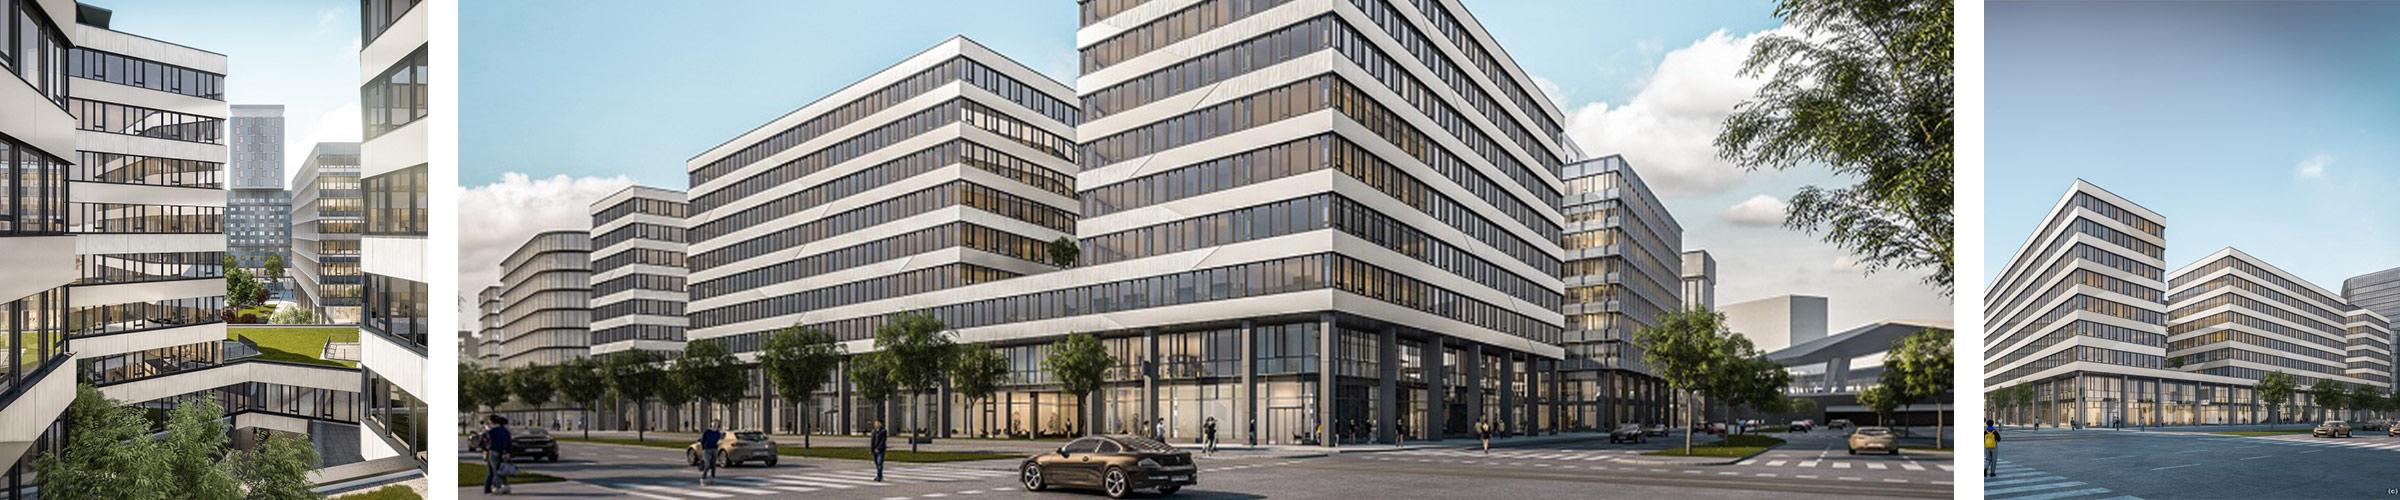 QBC1+2 Quartier Belverdere - in BAU